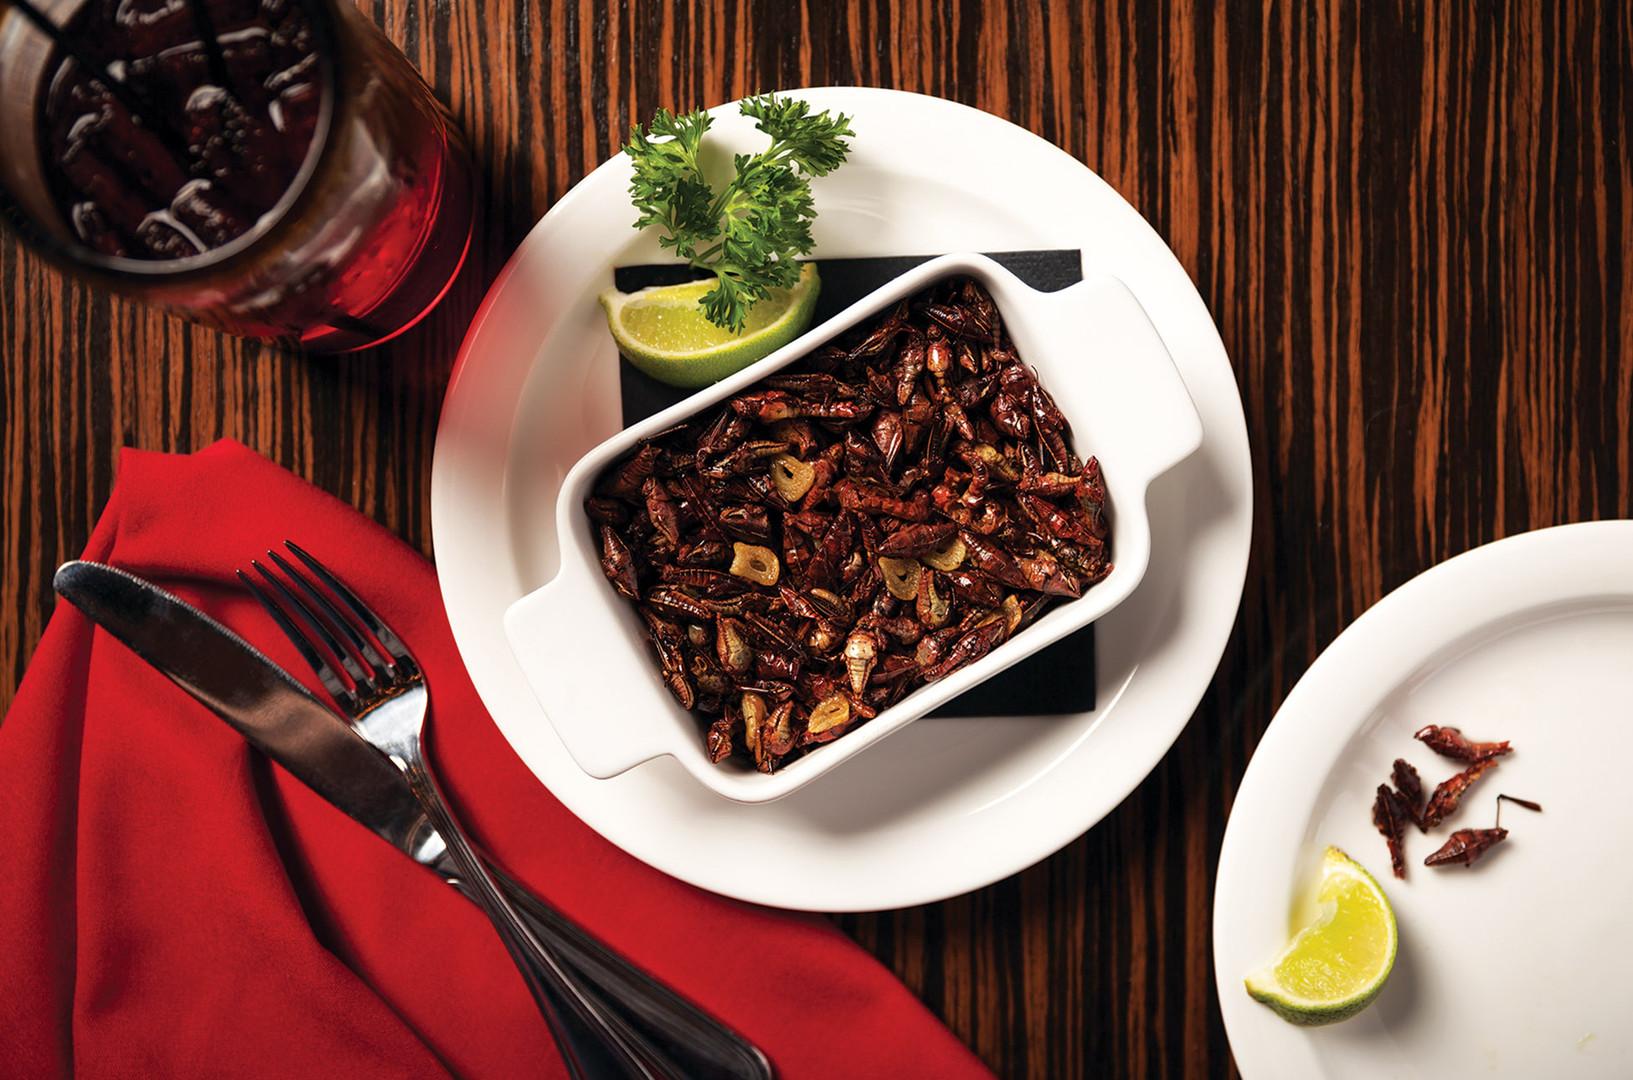 chapulin platillo gourmet 1.jpg